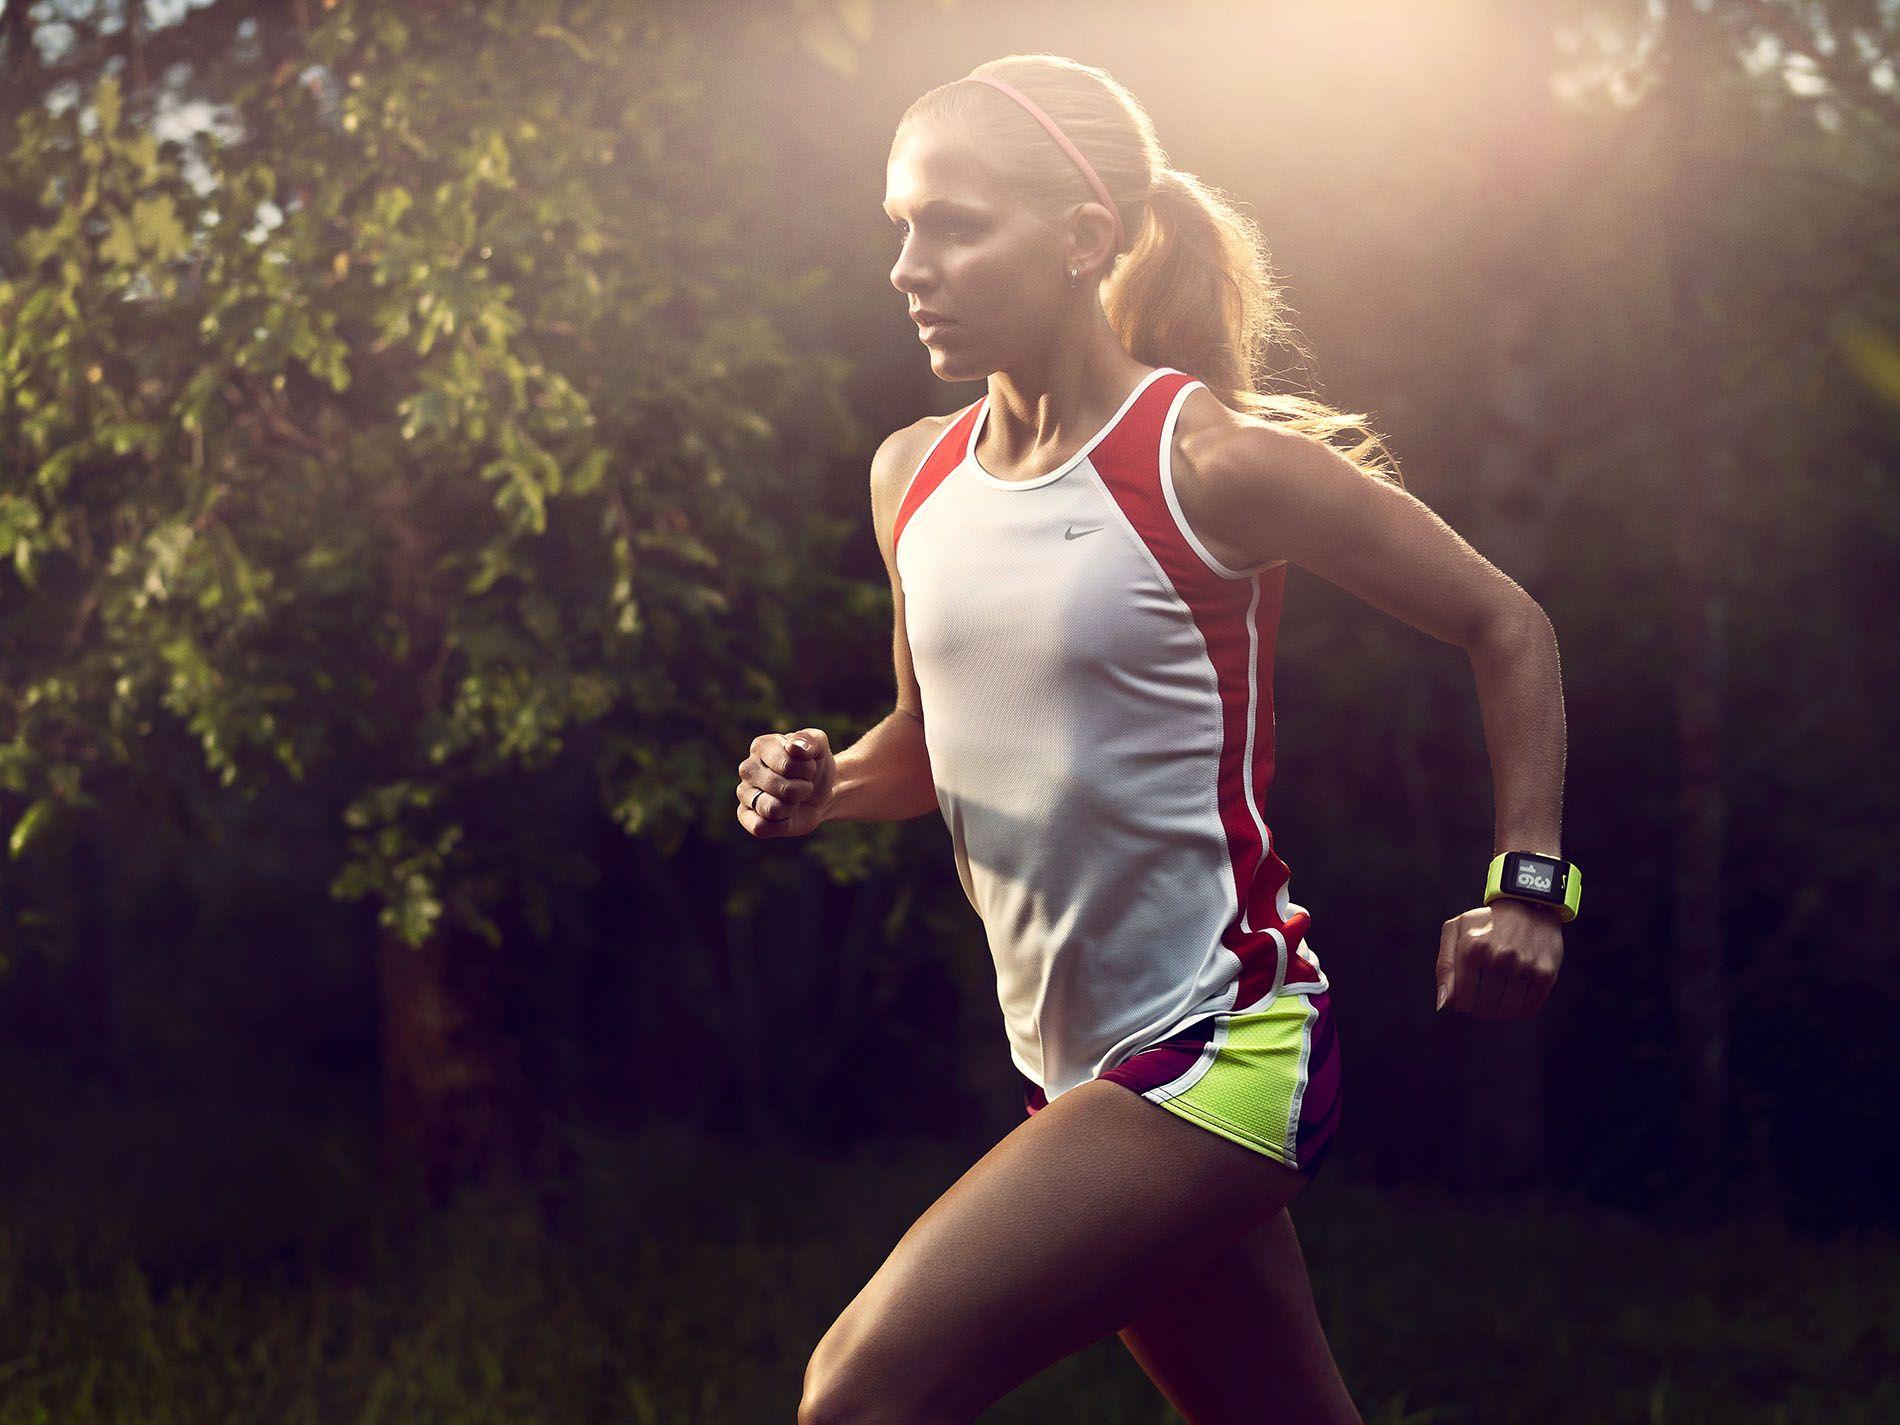 Best 25 Sports Wallpapers Ideas On Pinterest: Best 25+ Sport Photography Ideas On Pinterest